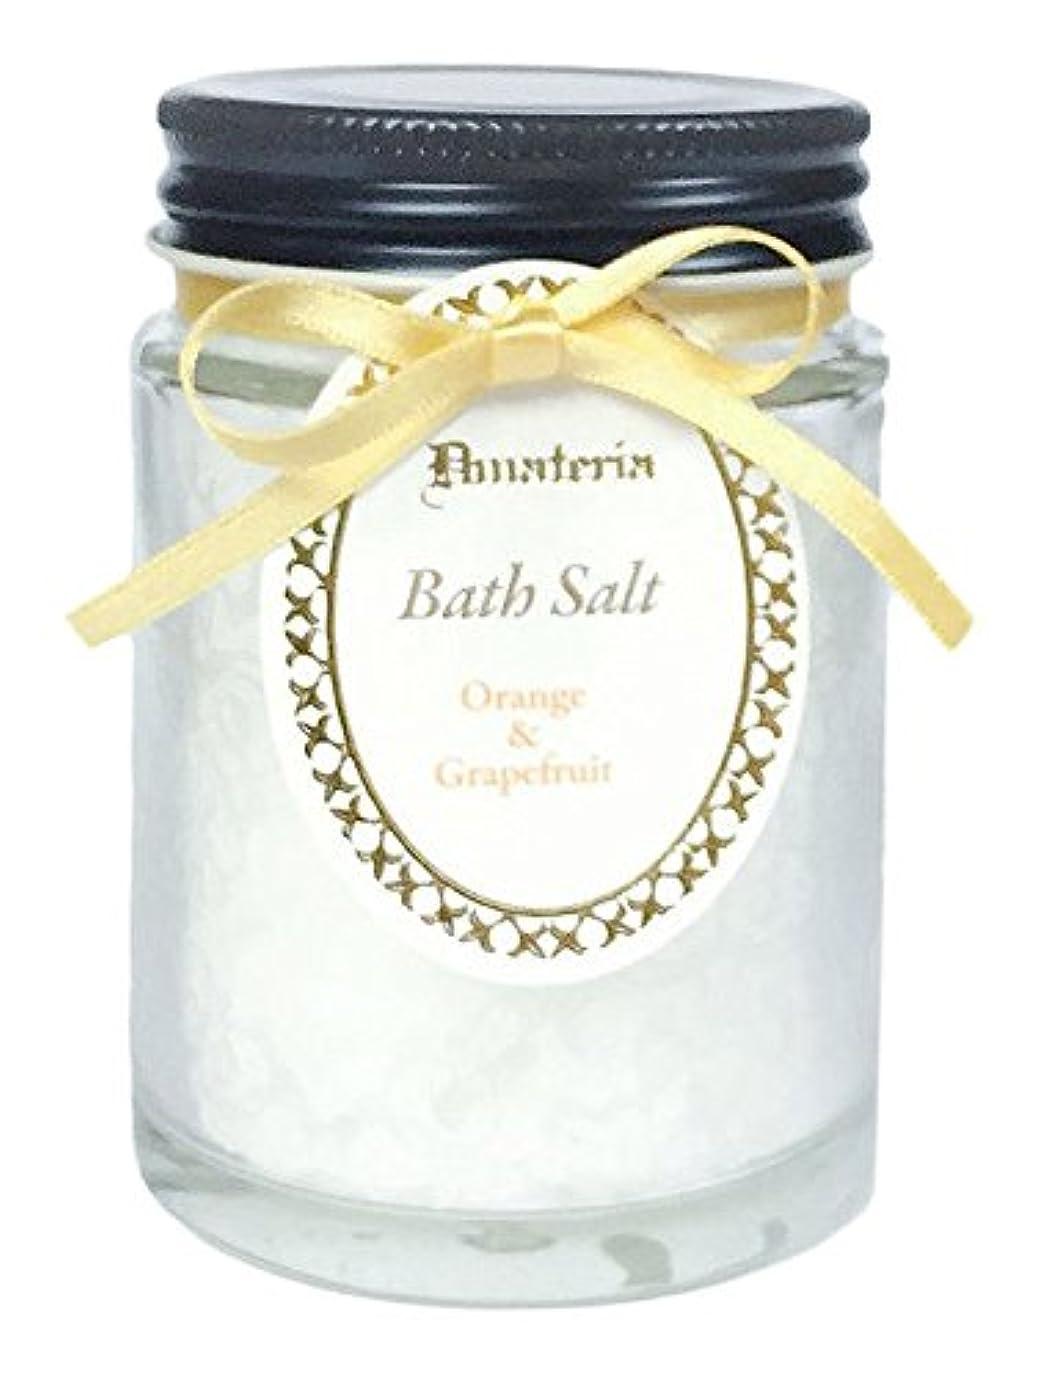 スイス人回想アッティカスD materia バスソルト オレンジ&グレープフルーツ Orange&Grapefruit Bath Salt ディーマテリア